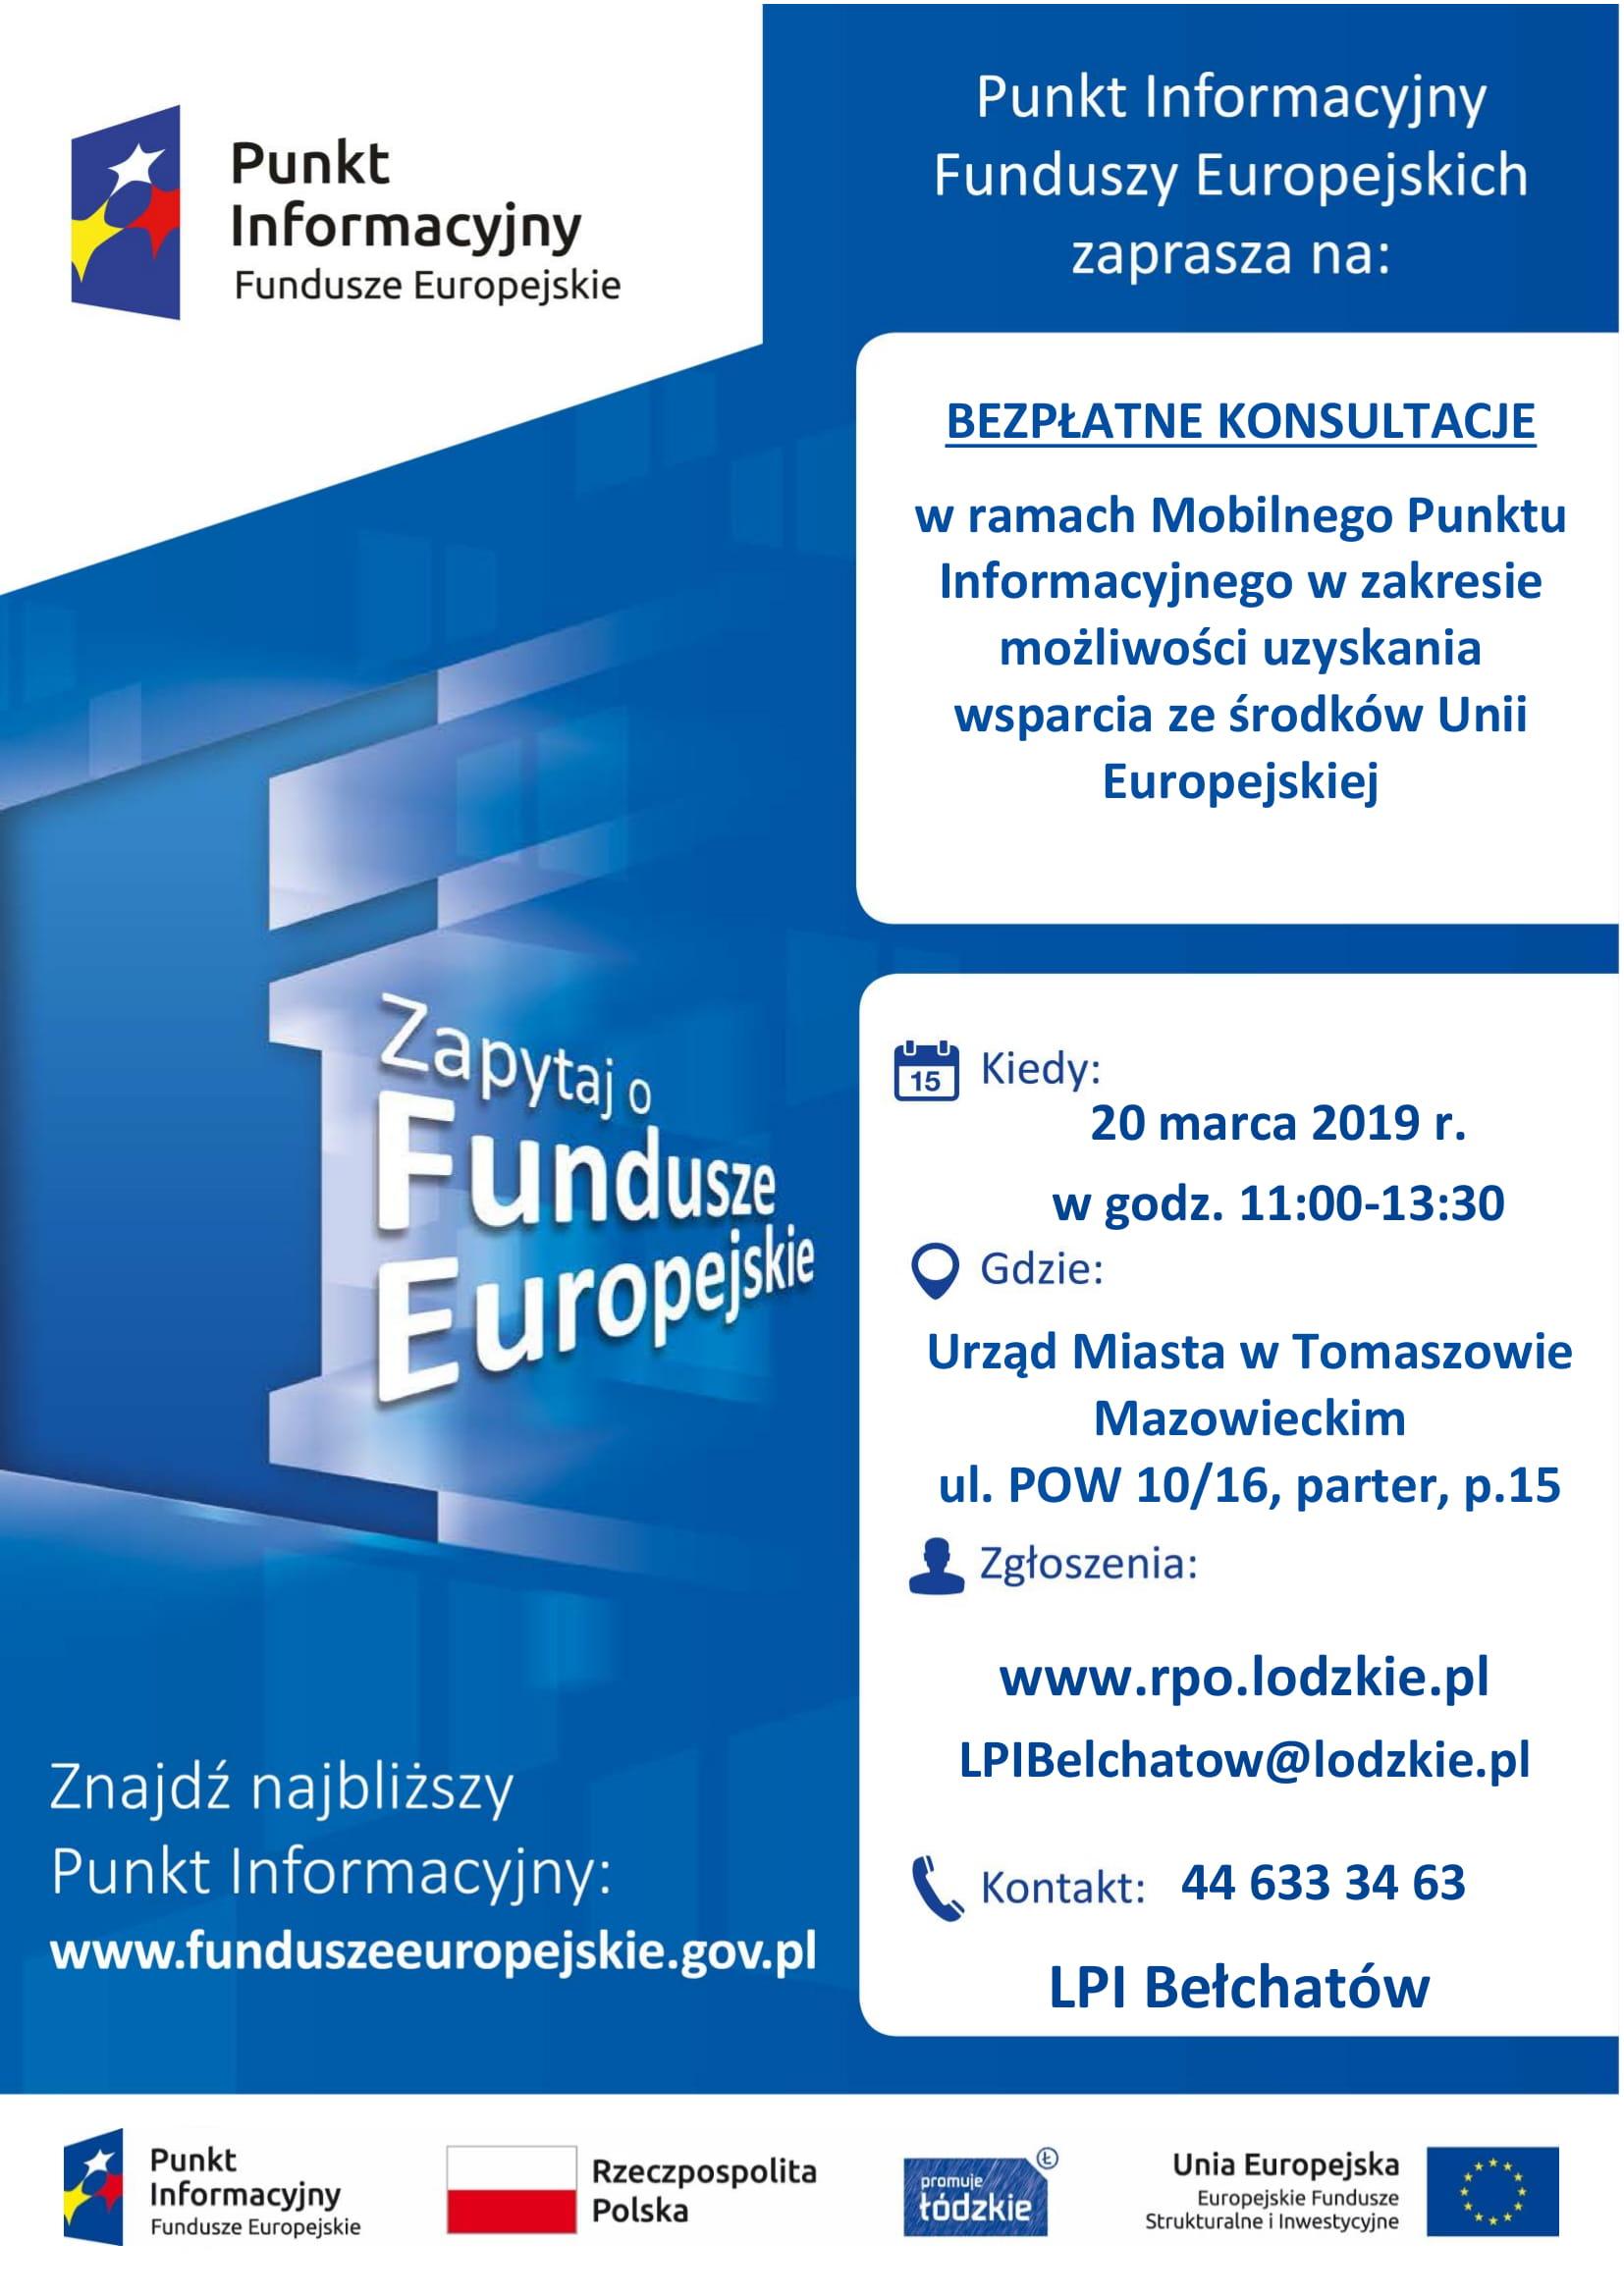 fundusze europejskie, punkt informacyjny